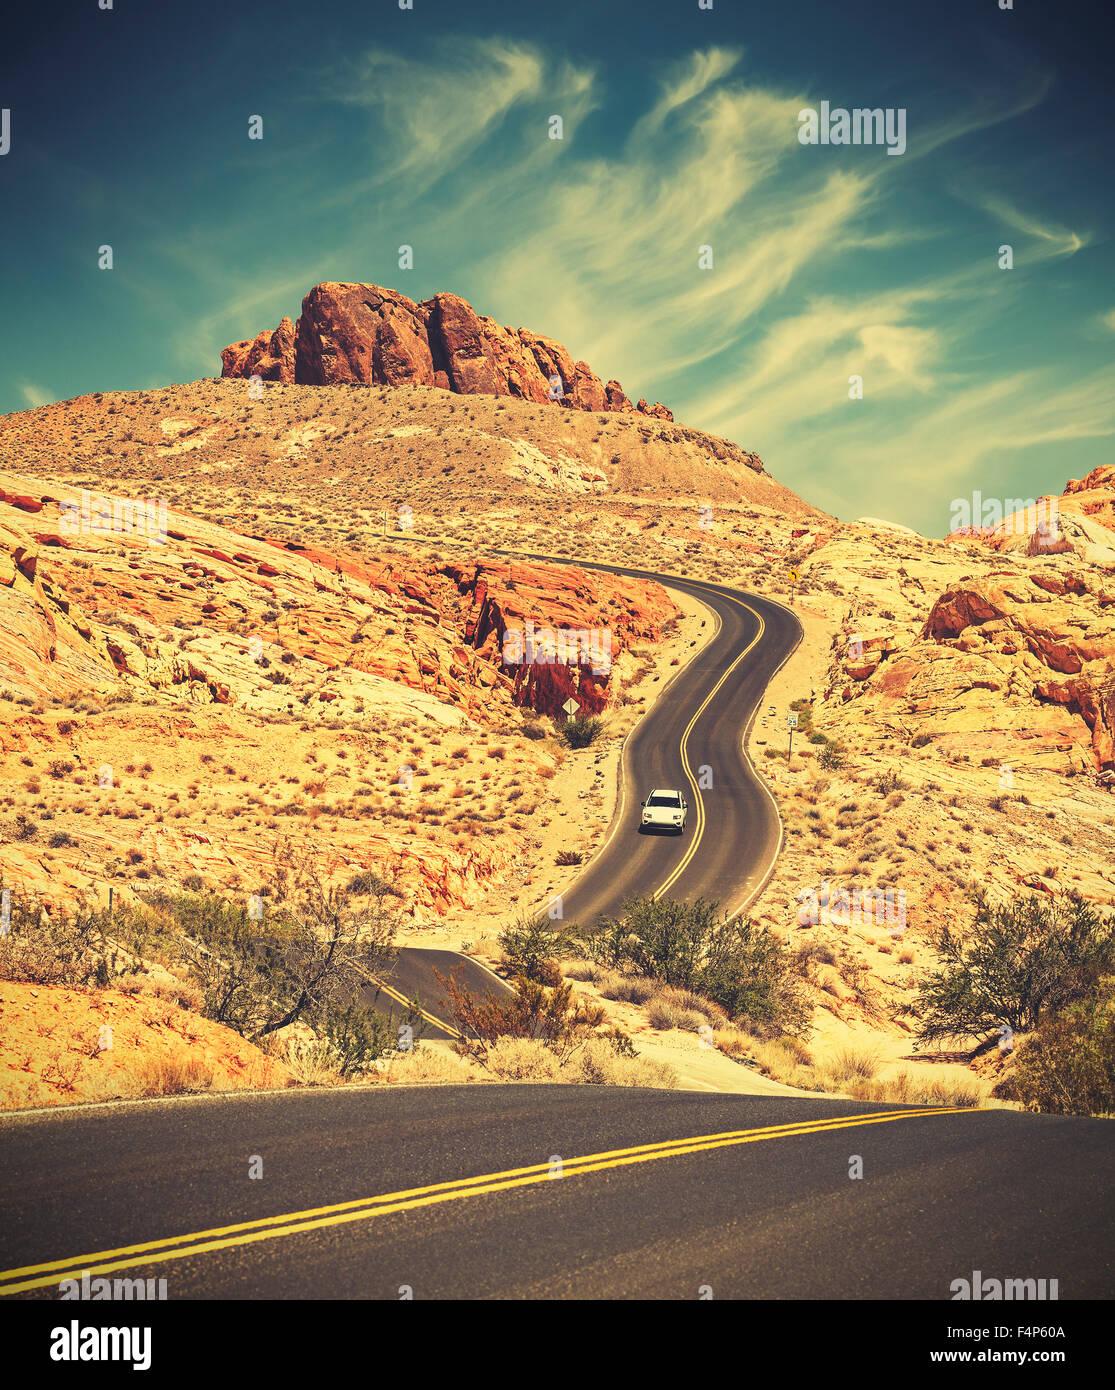 Tonos Retro desierto serpenteante carretera, concepto de viaje de aventura, el Parque Estatal Valle del Fuego, Nevada, Imagen De Stock